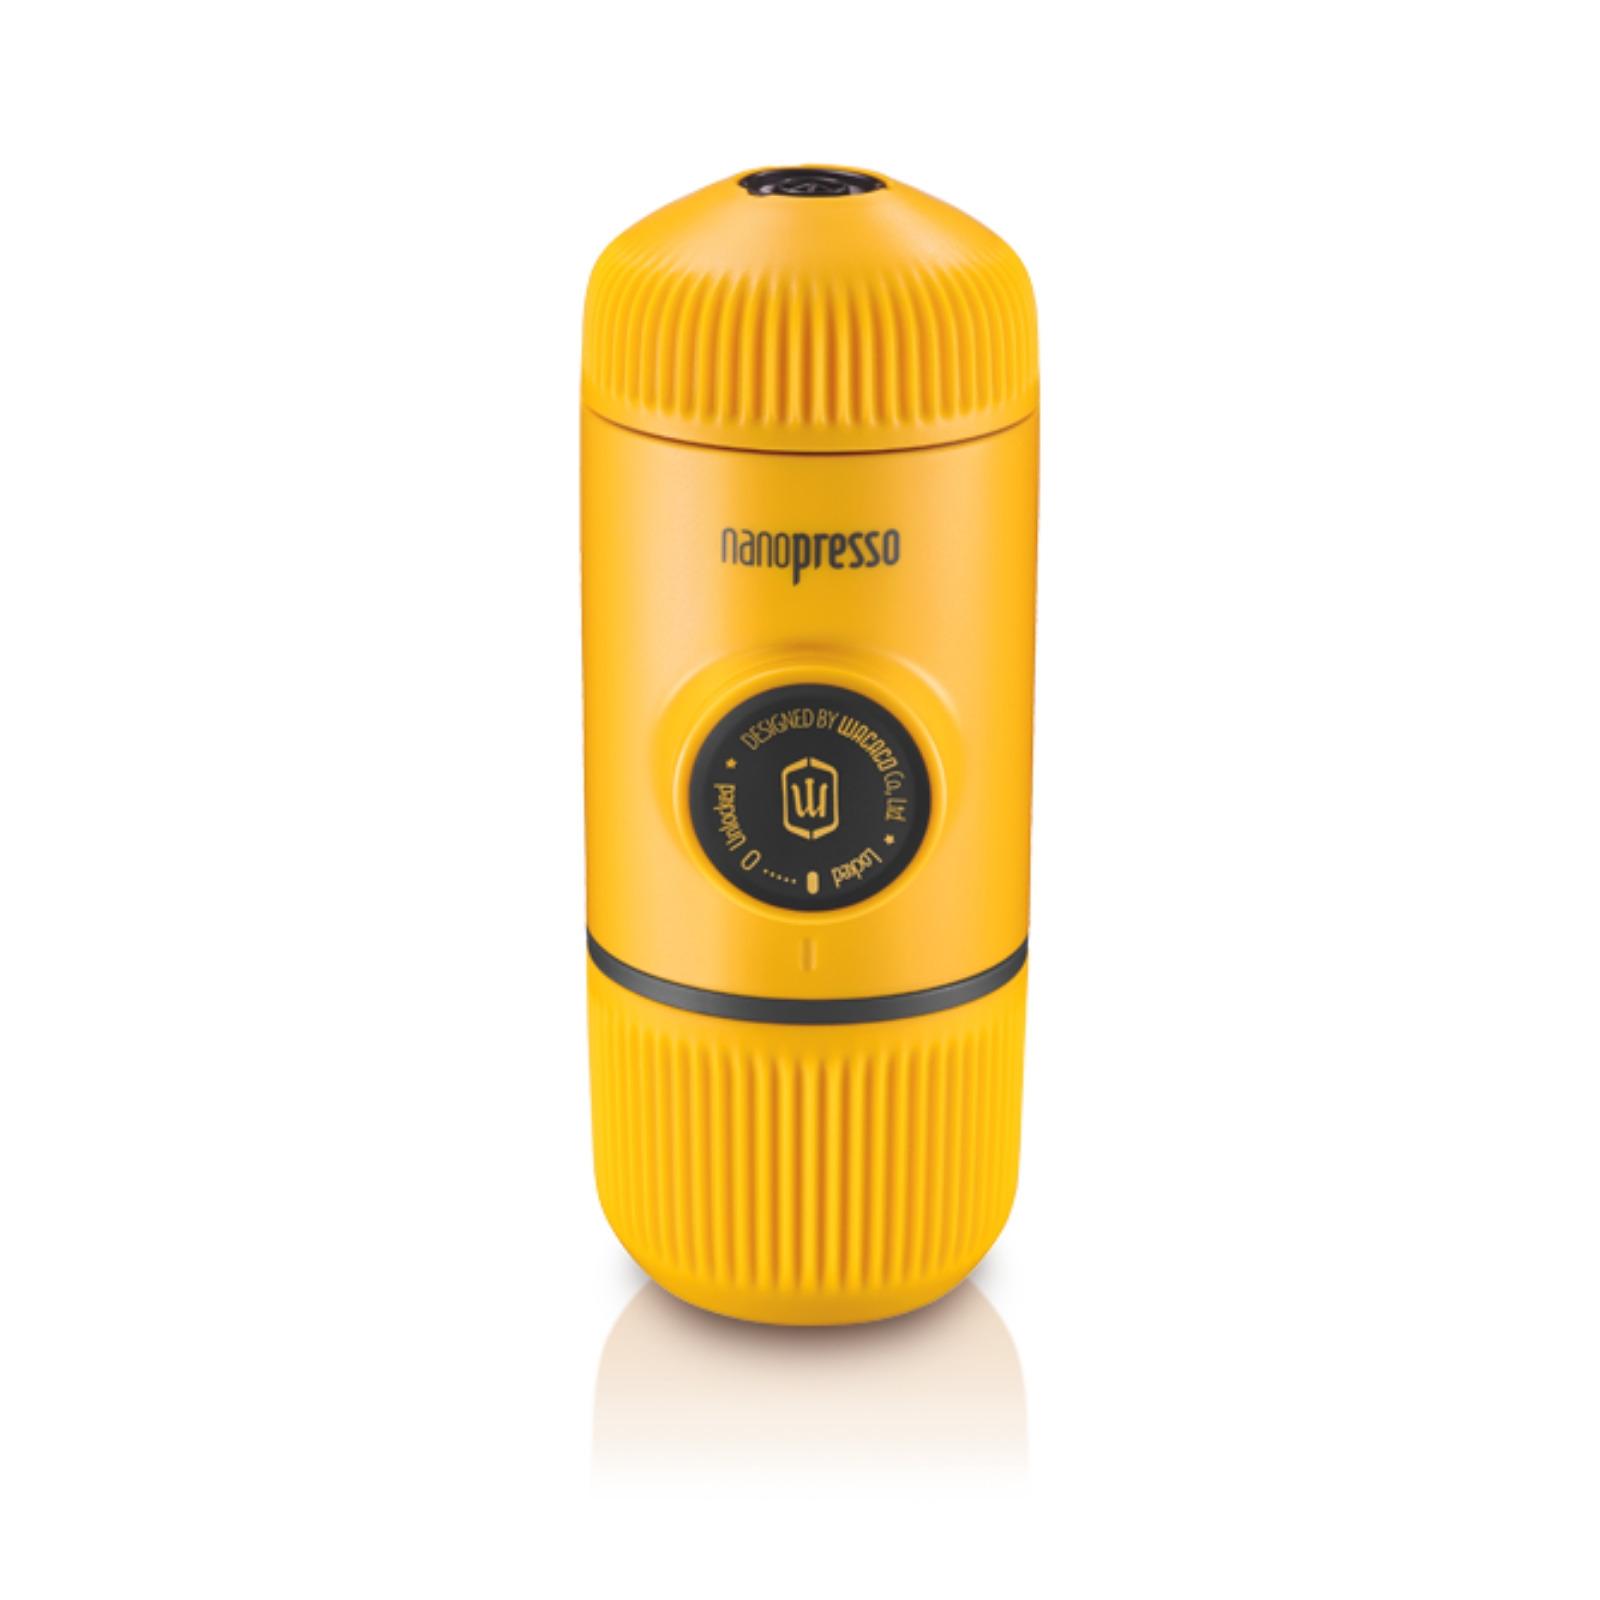 Nanopresso Yellow Patrol Portable Espresso Maker